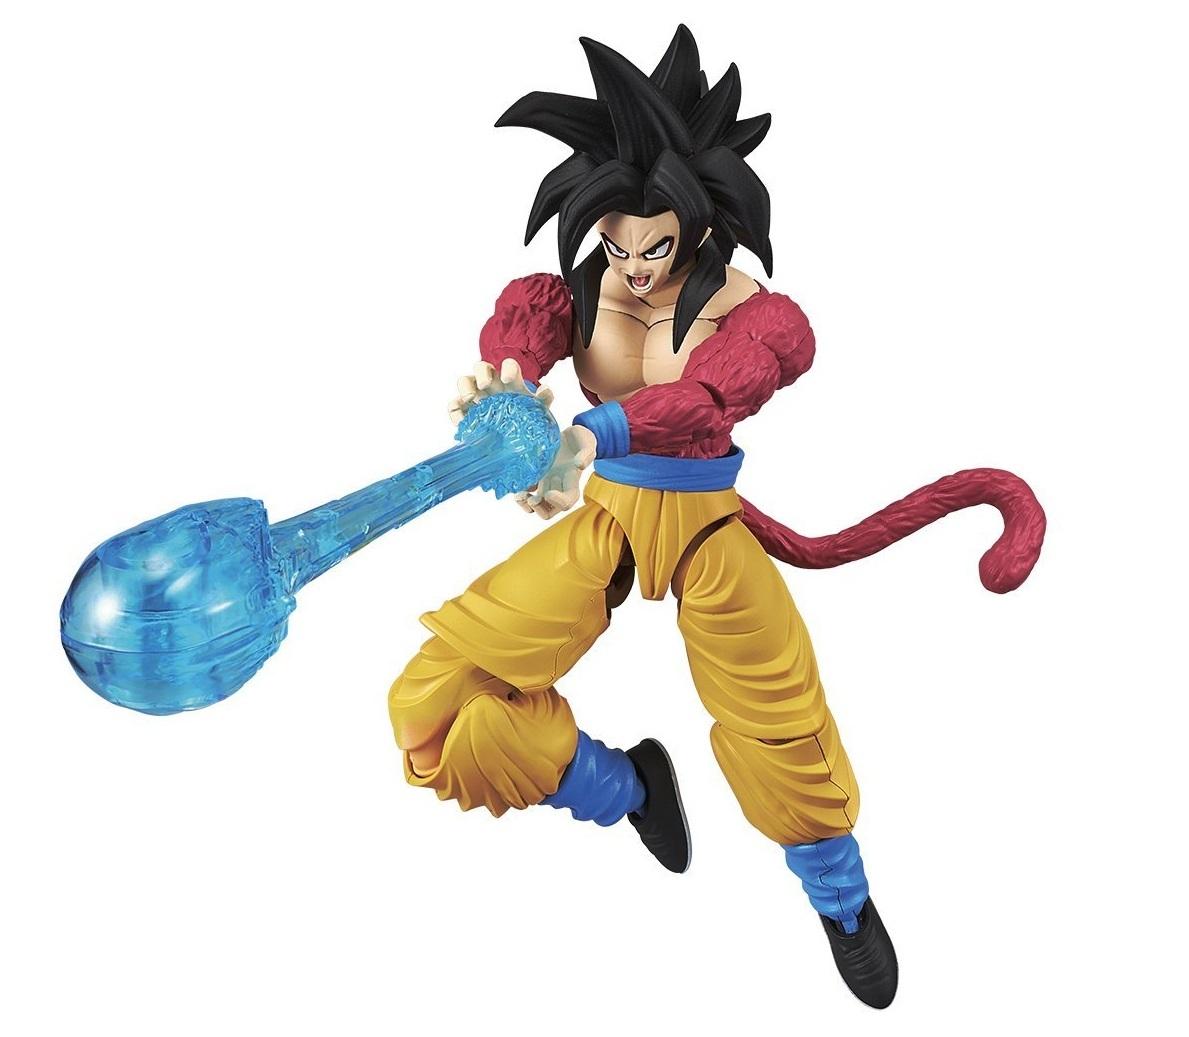 Dragon Ball: Figure-rise: SS4 Goku - Model Kit image